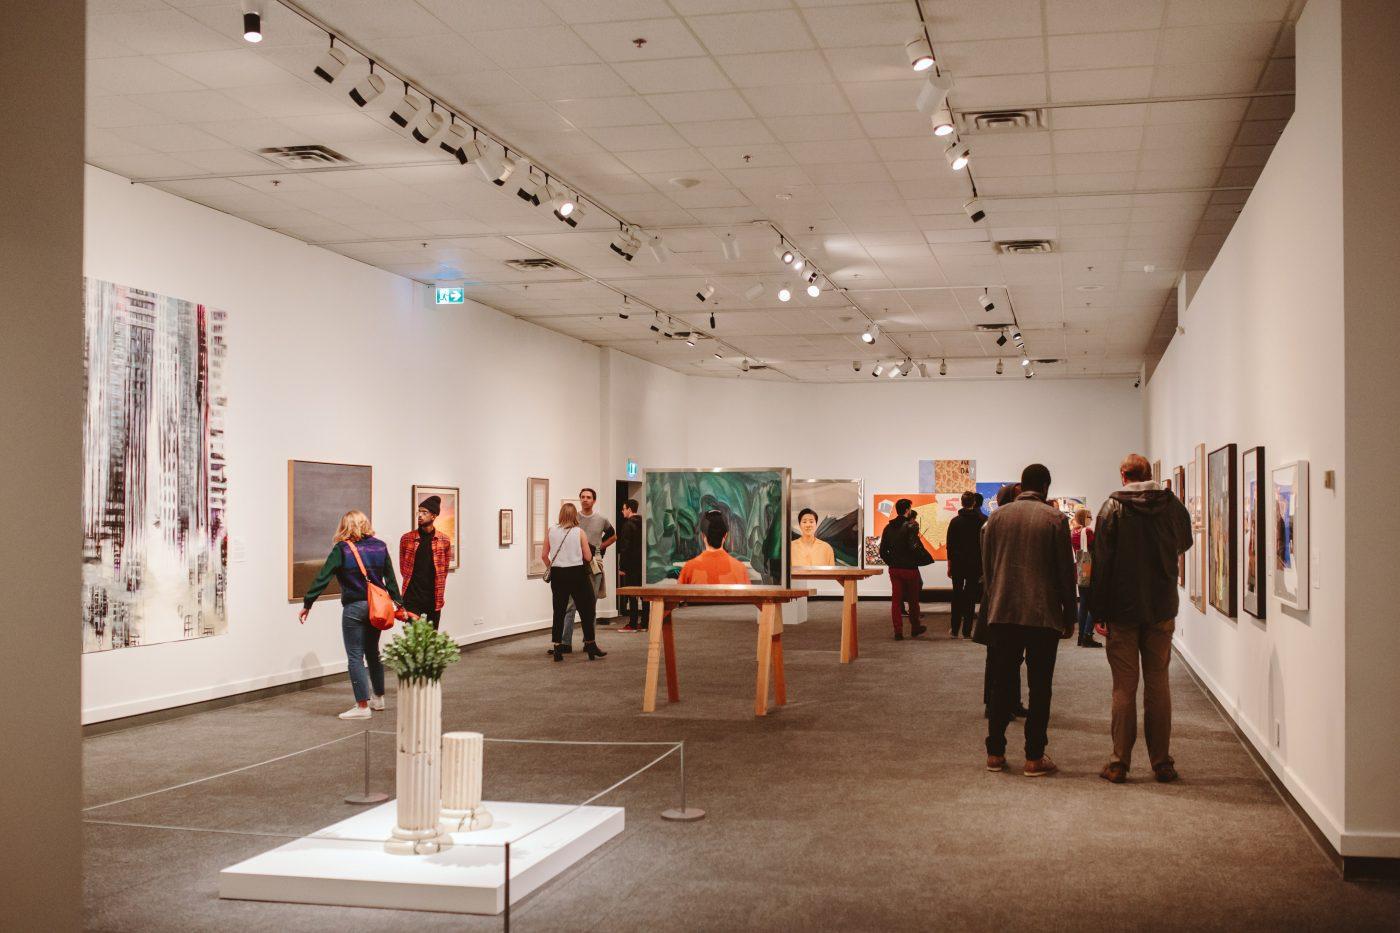 Visitors walk around Glenbow's second floor exhibitions